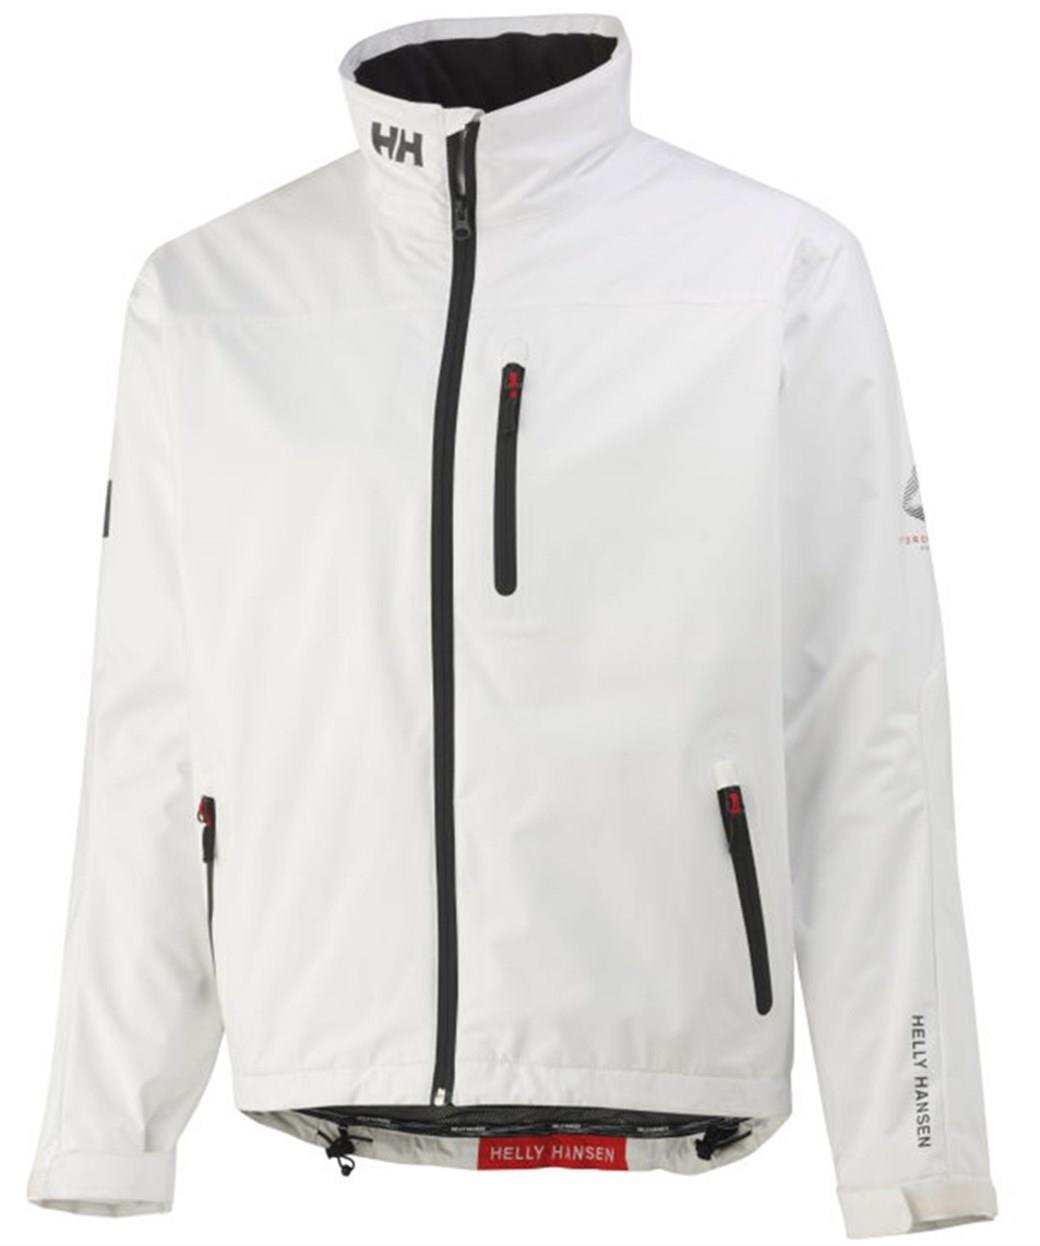 Helly Hansen HH W Crew Midlayer Jacket HHA.30253